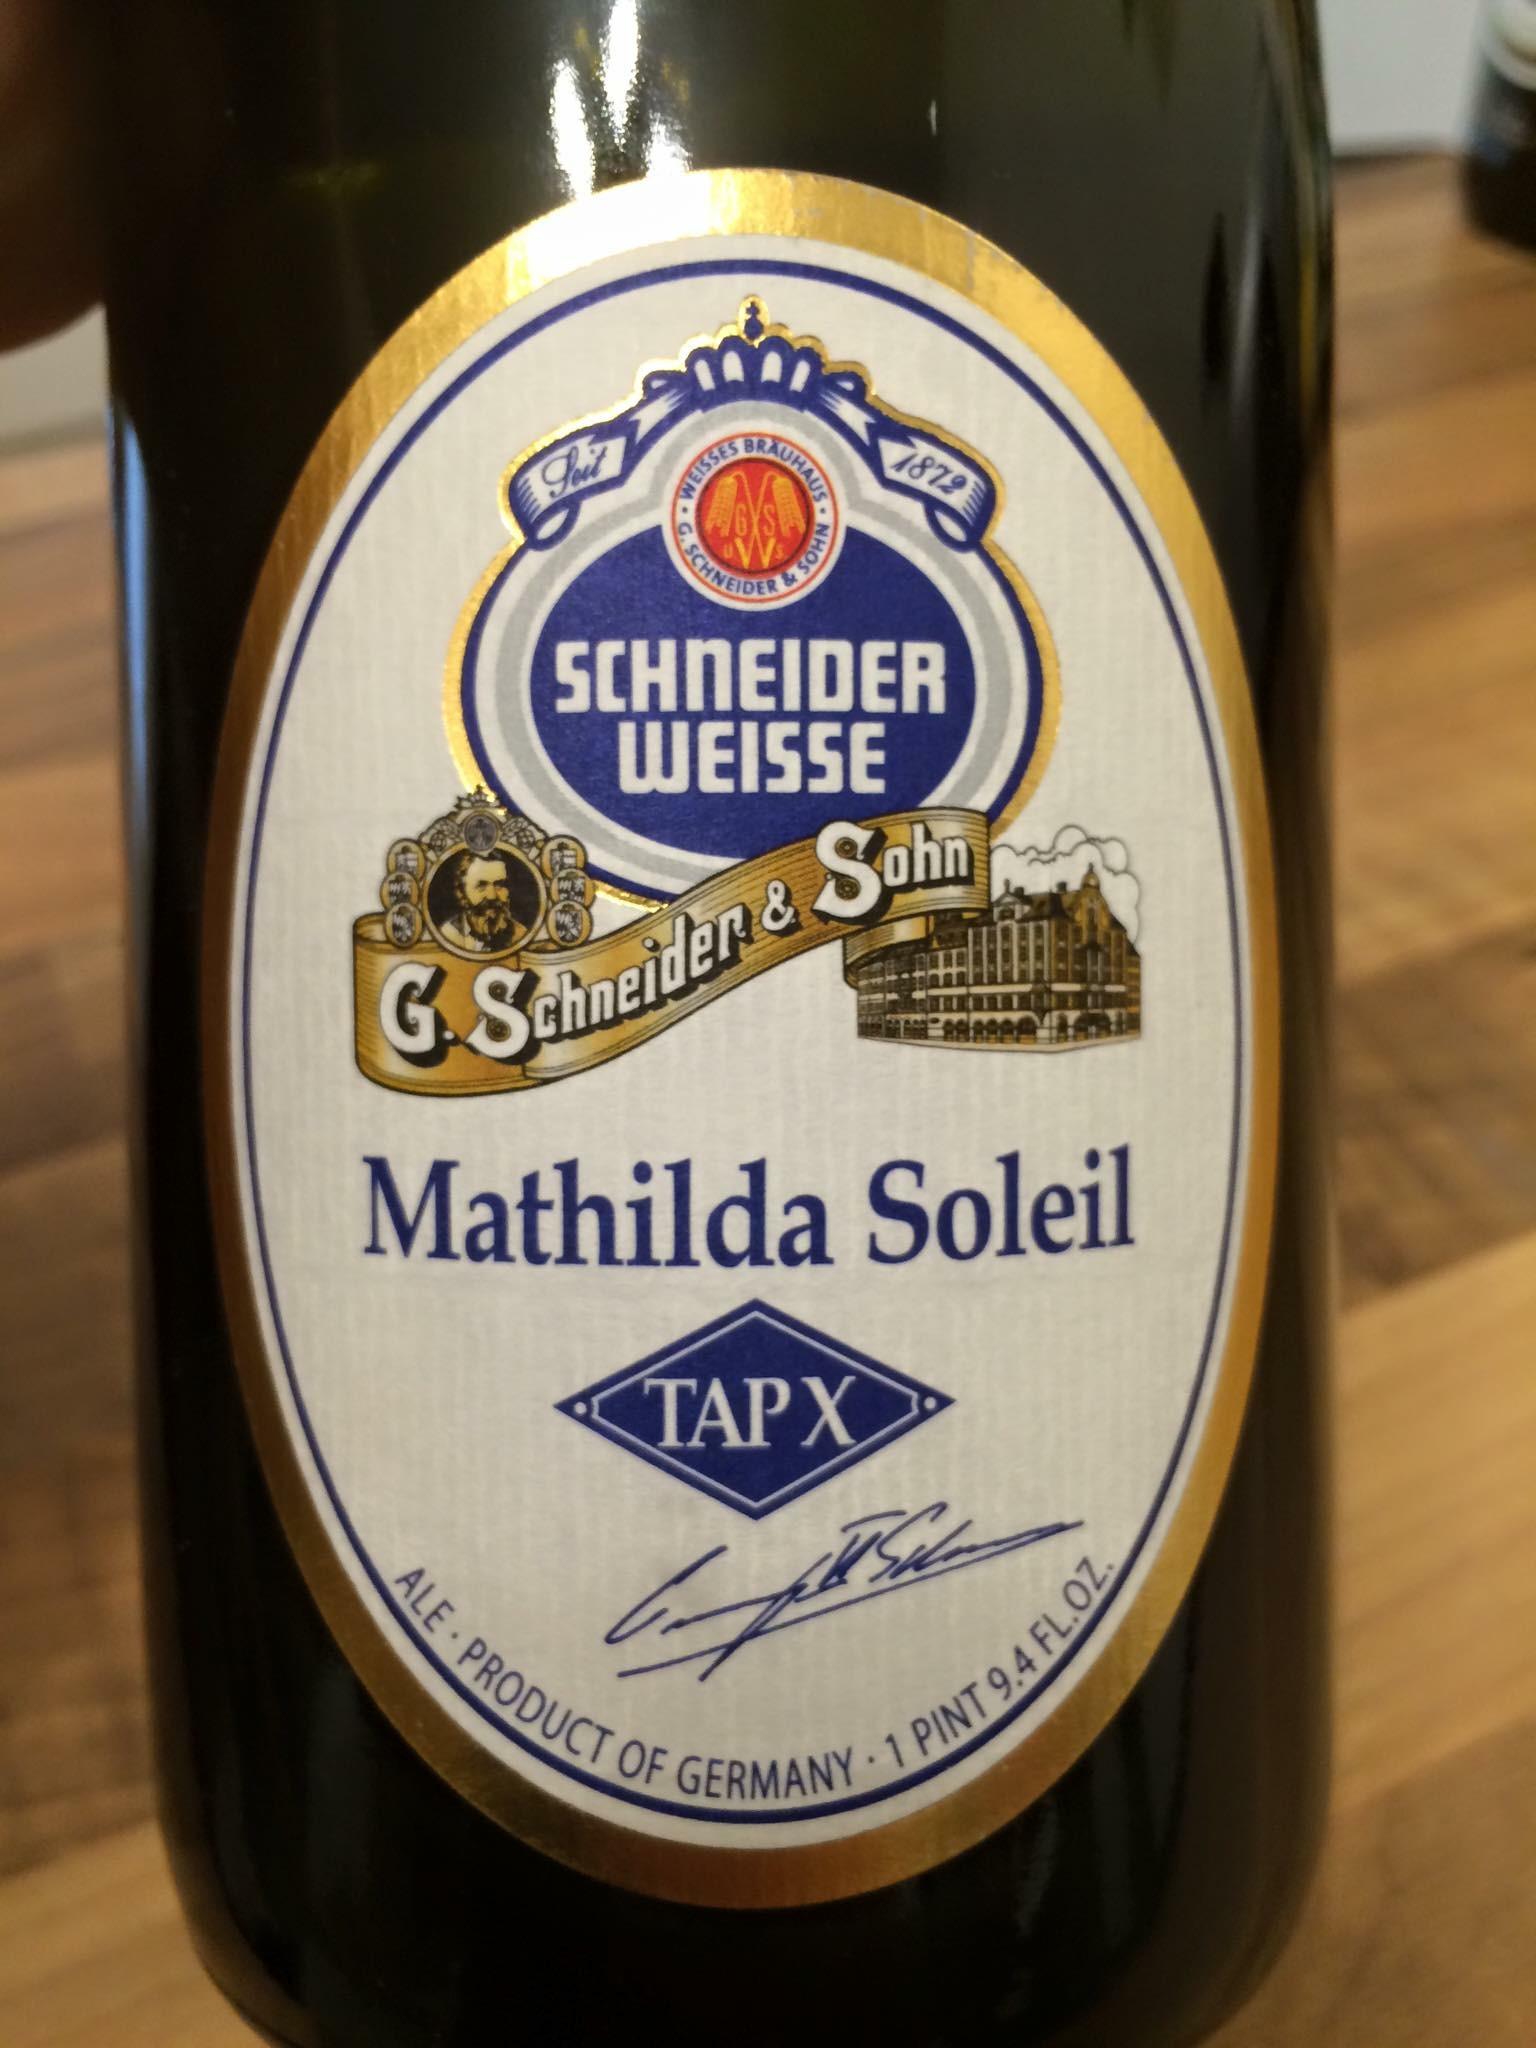 Schweizer Weisse - Mathilda Soleil